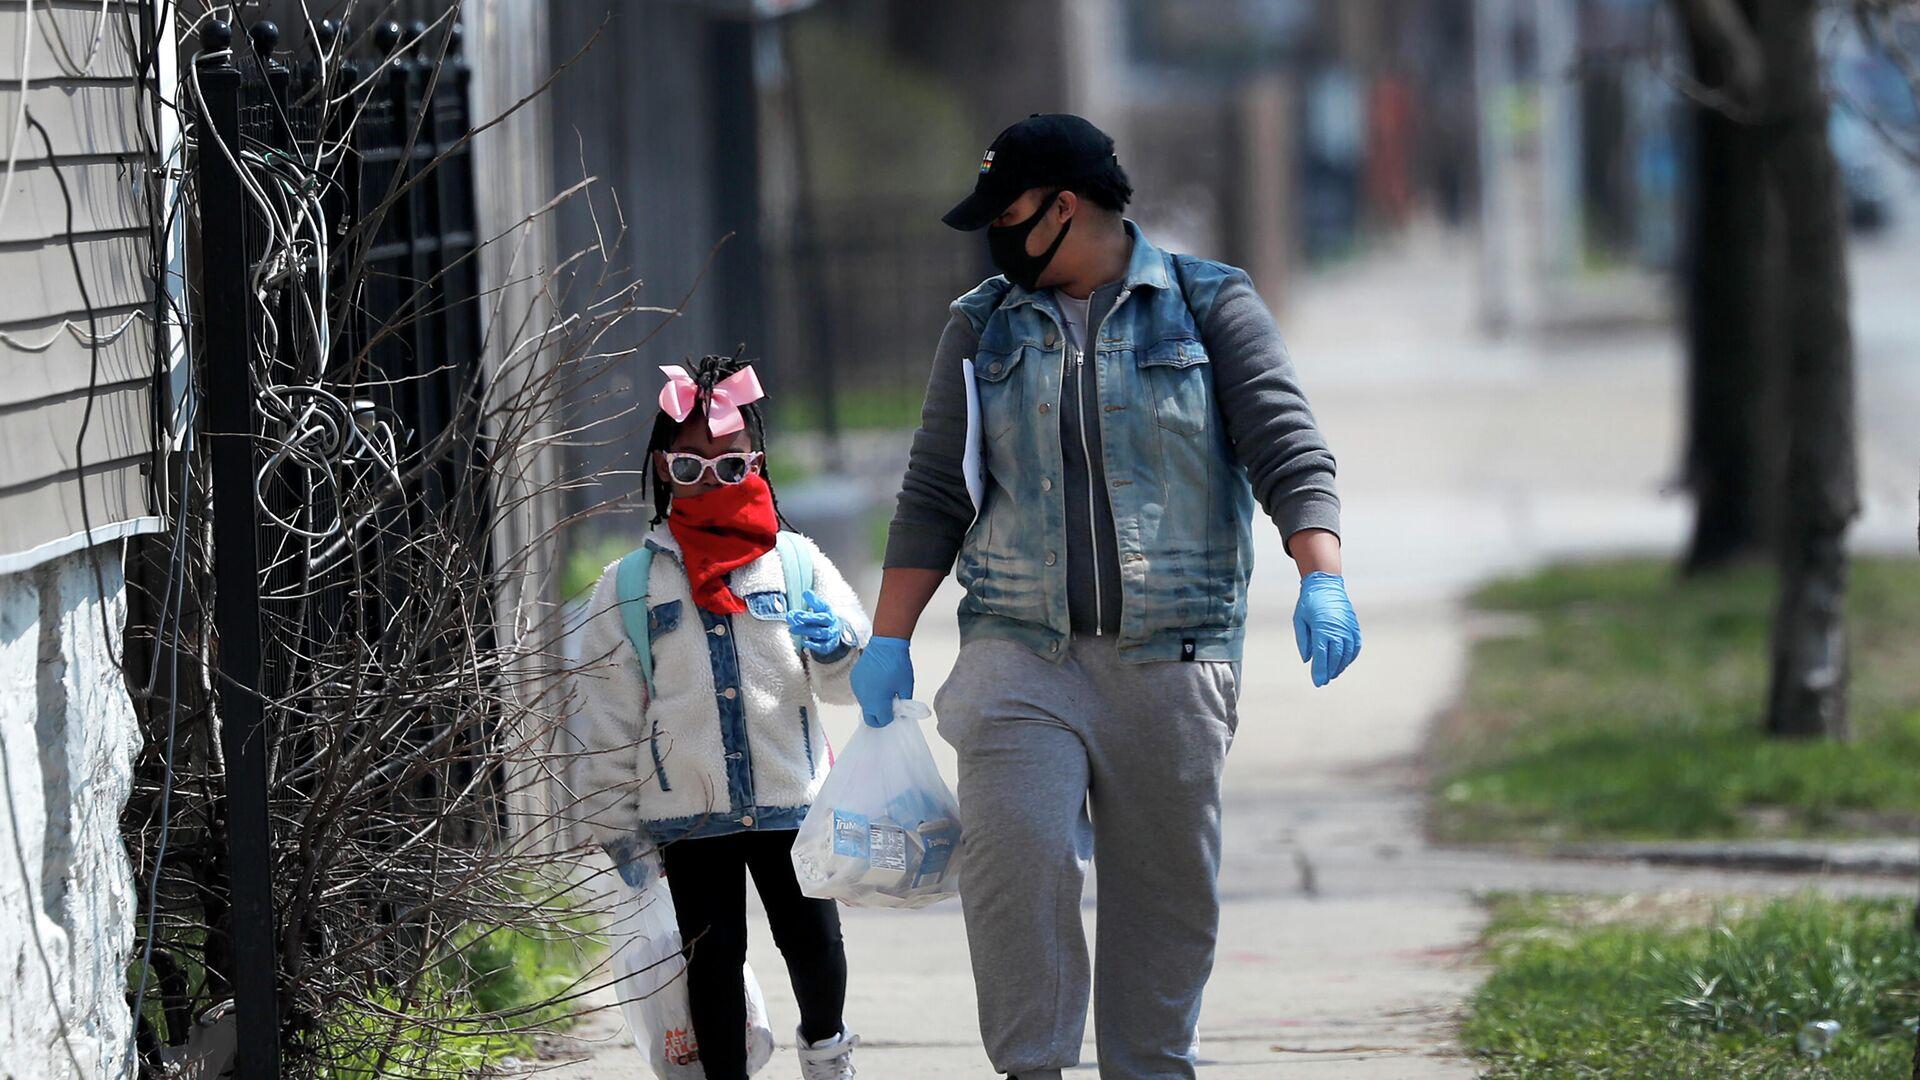 Мужчина с дочерью возвращаются домой после окончания занятий в школе на юге Чикаго, США - РИА Новости, 1920, 05.10.2020